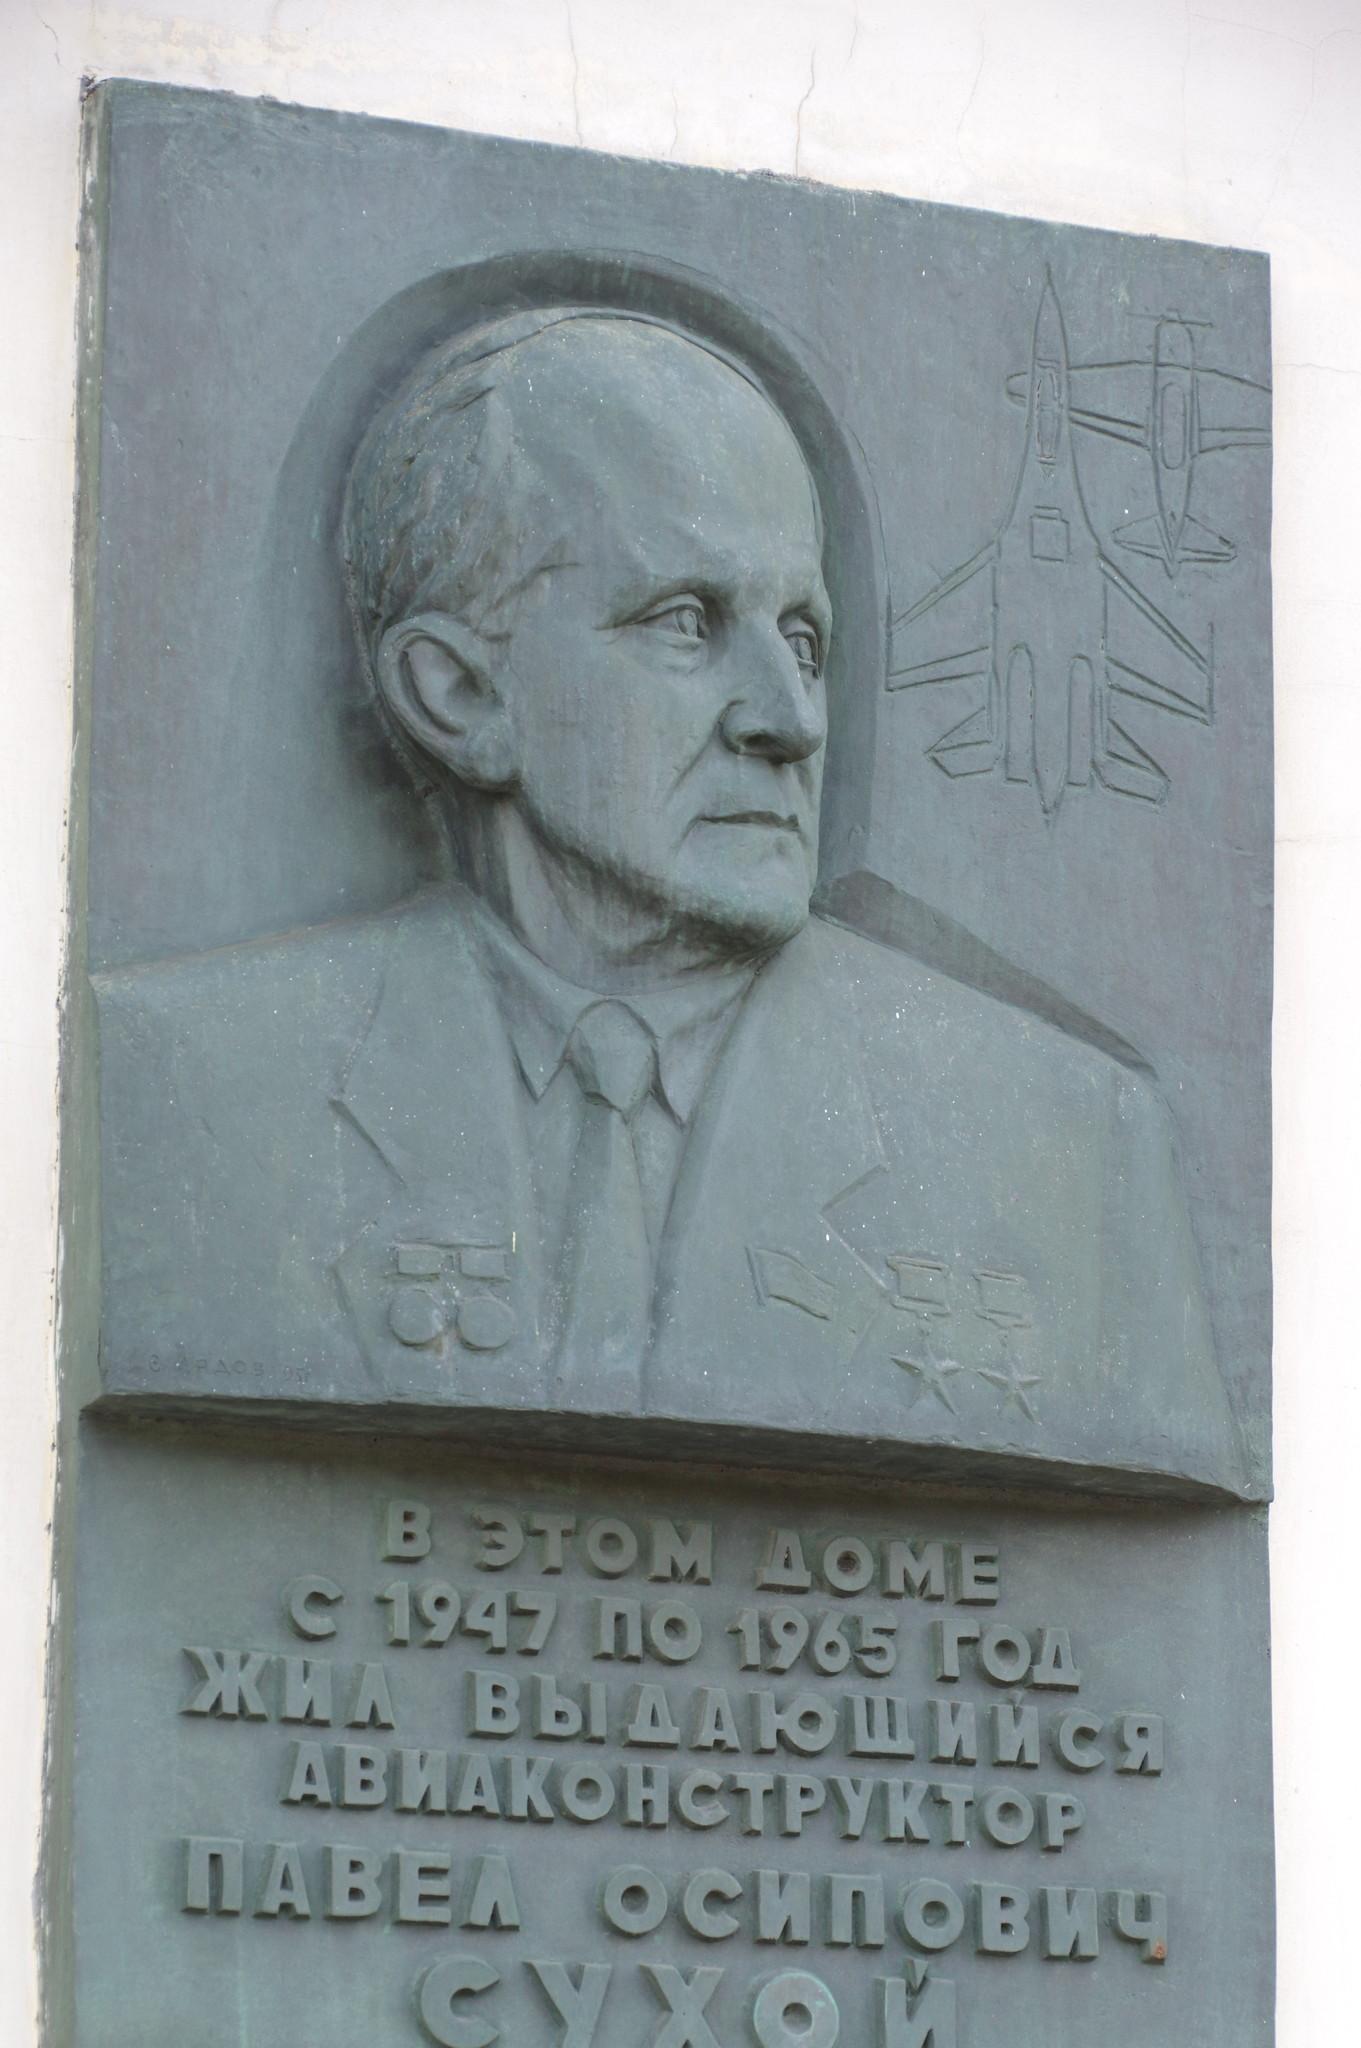 Мемориальная доска на фасаде дома (Ленинский проспект, дом 7), где Павел Осипович Сухой жил с 1947 по 1965 годы